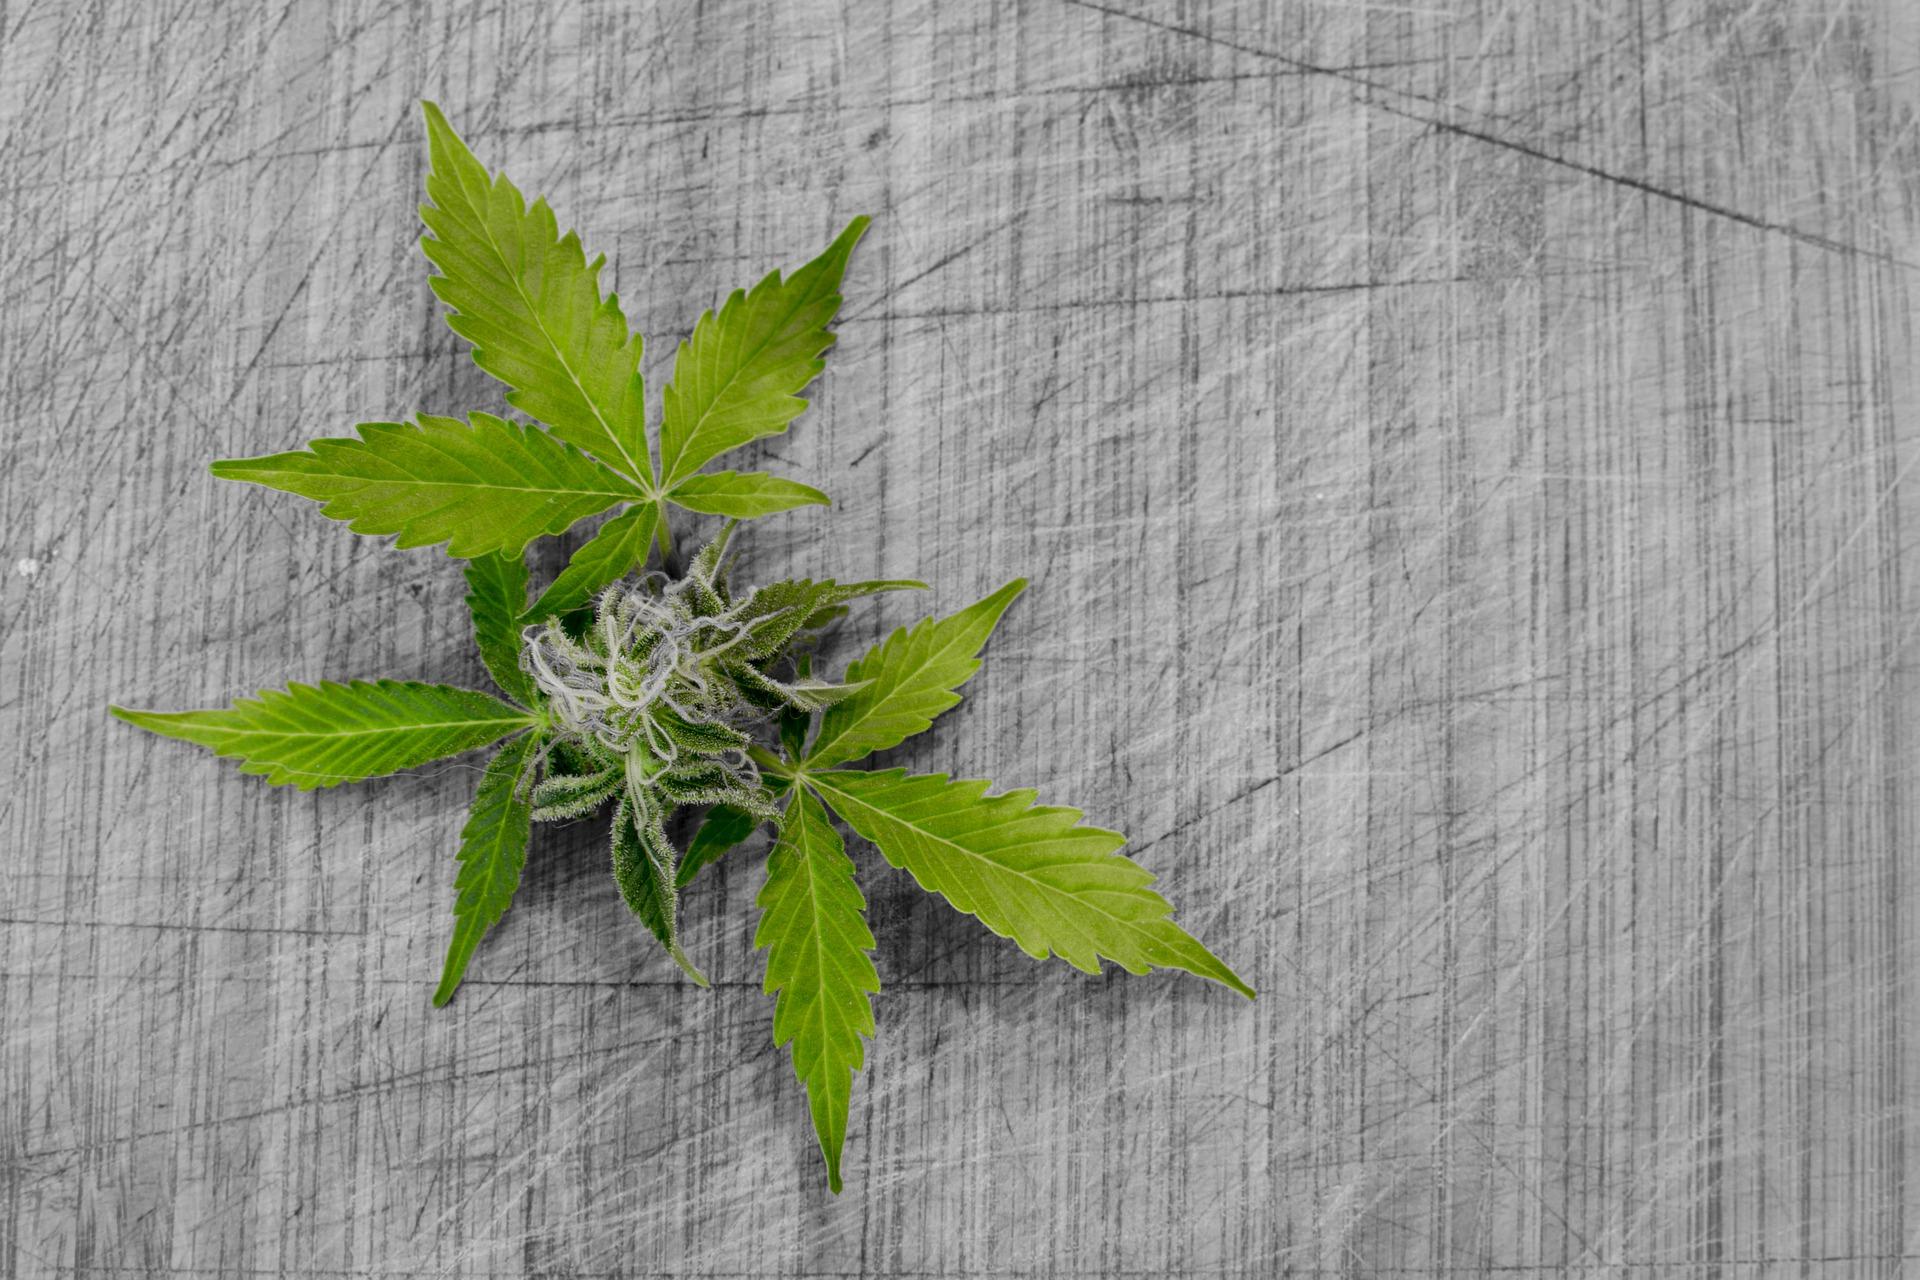 leaf-3065626_1920.jpg